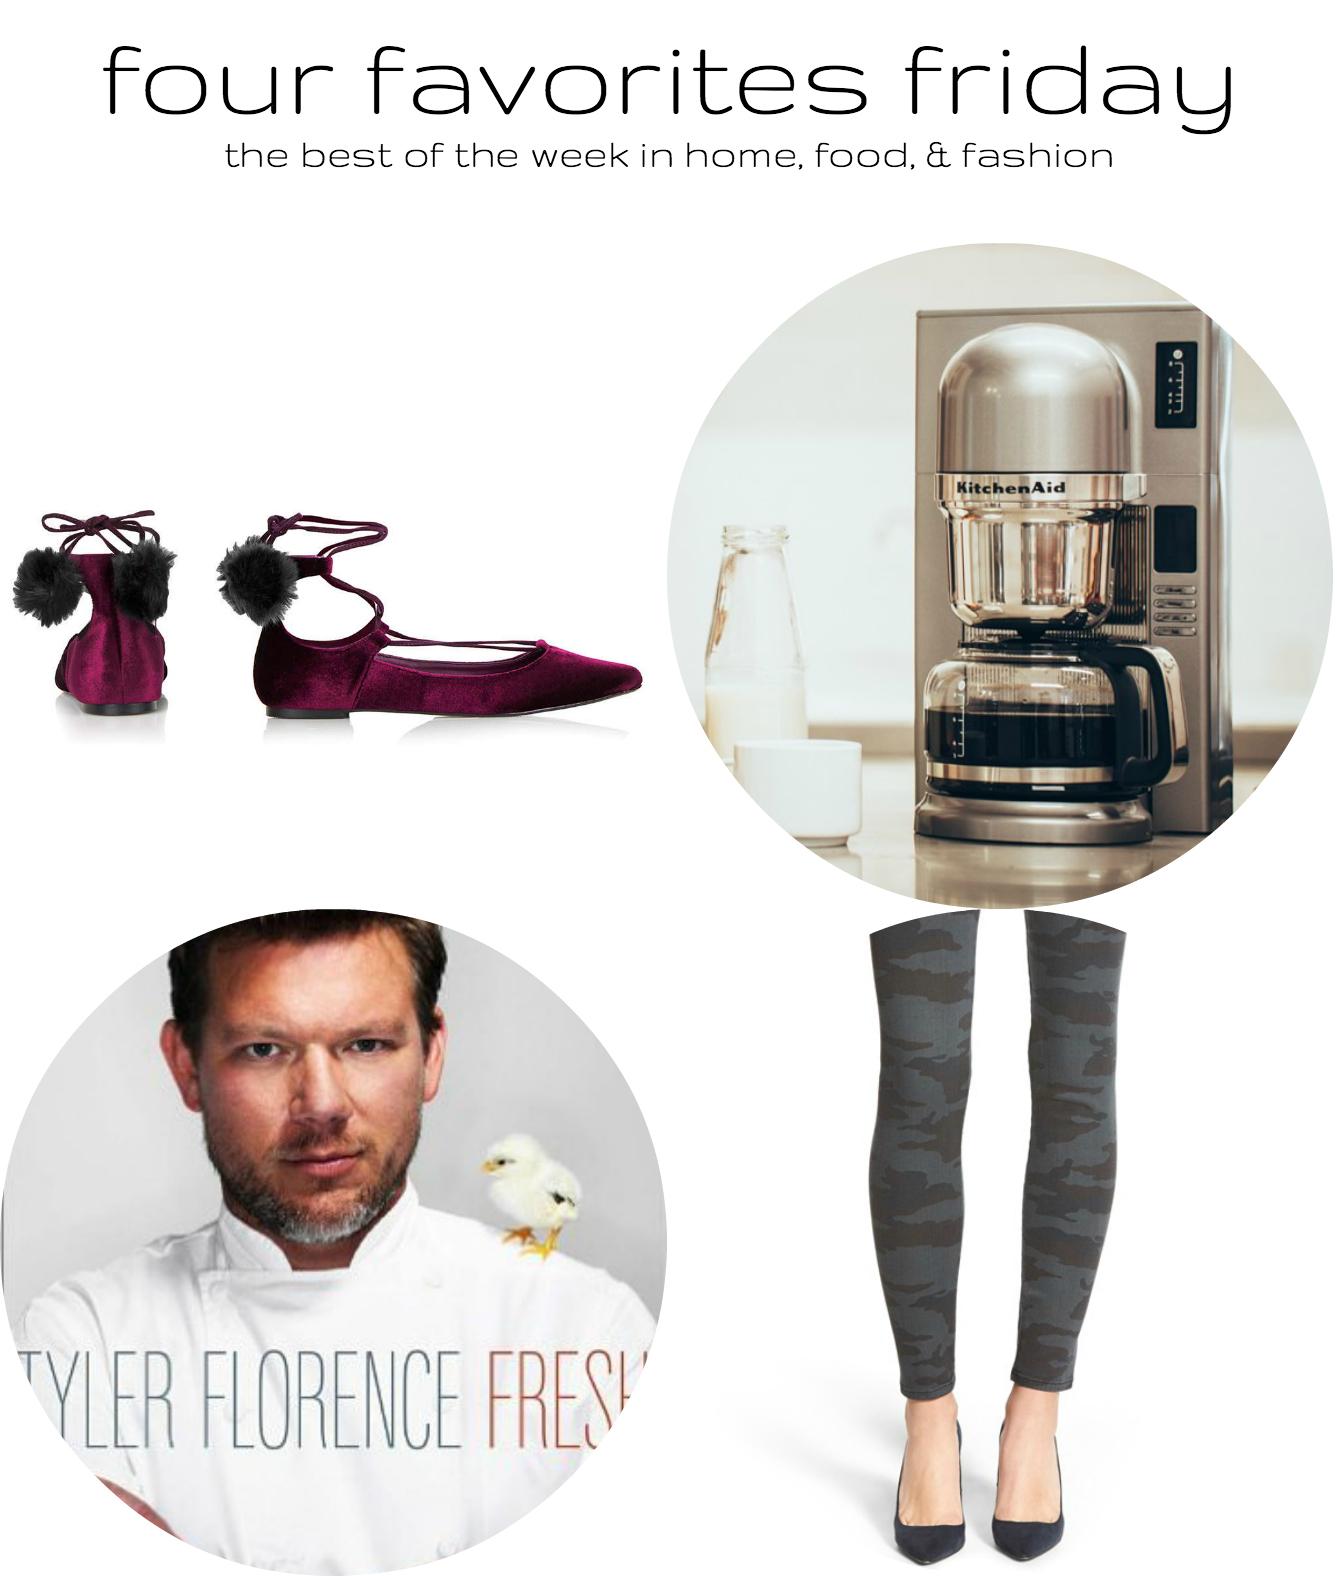 FFF collage